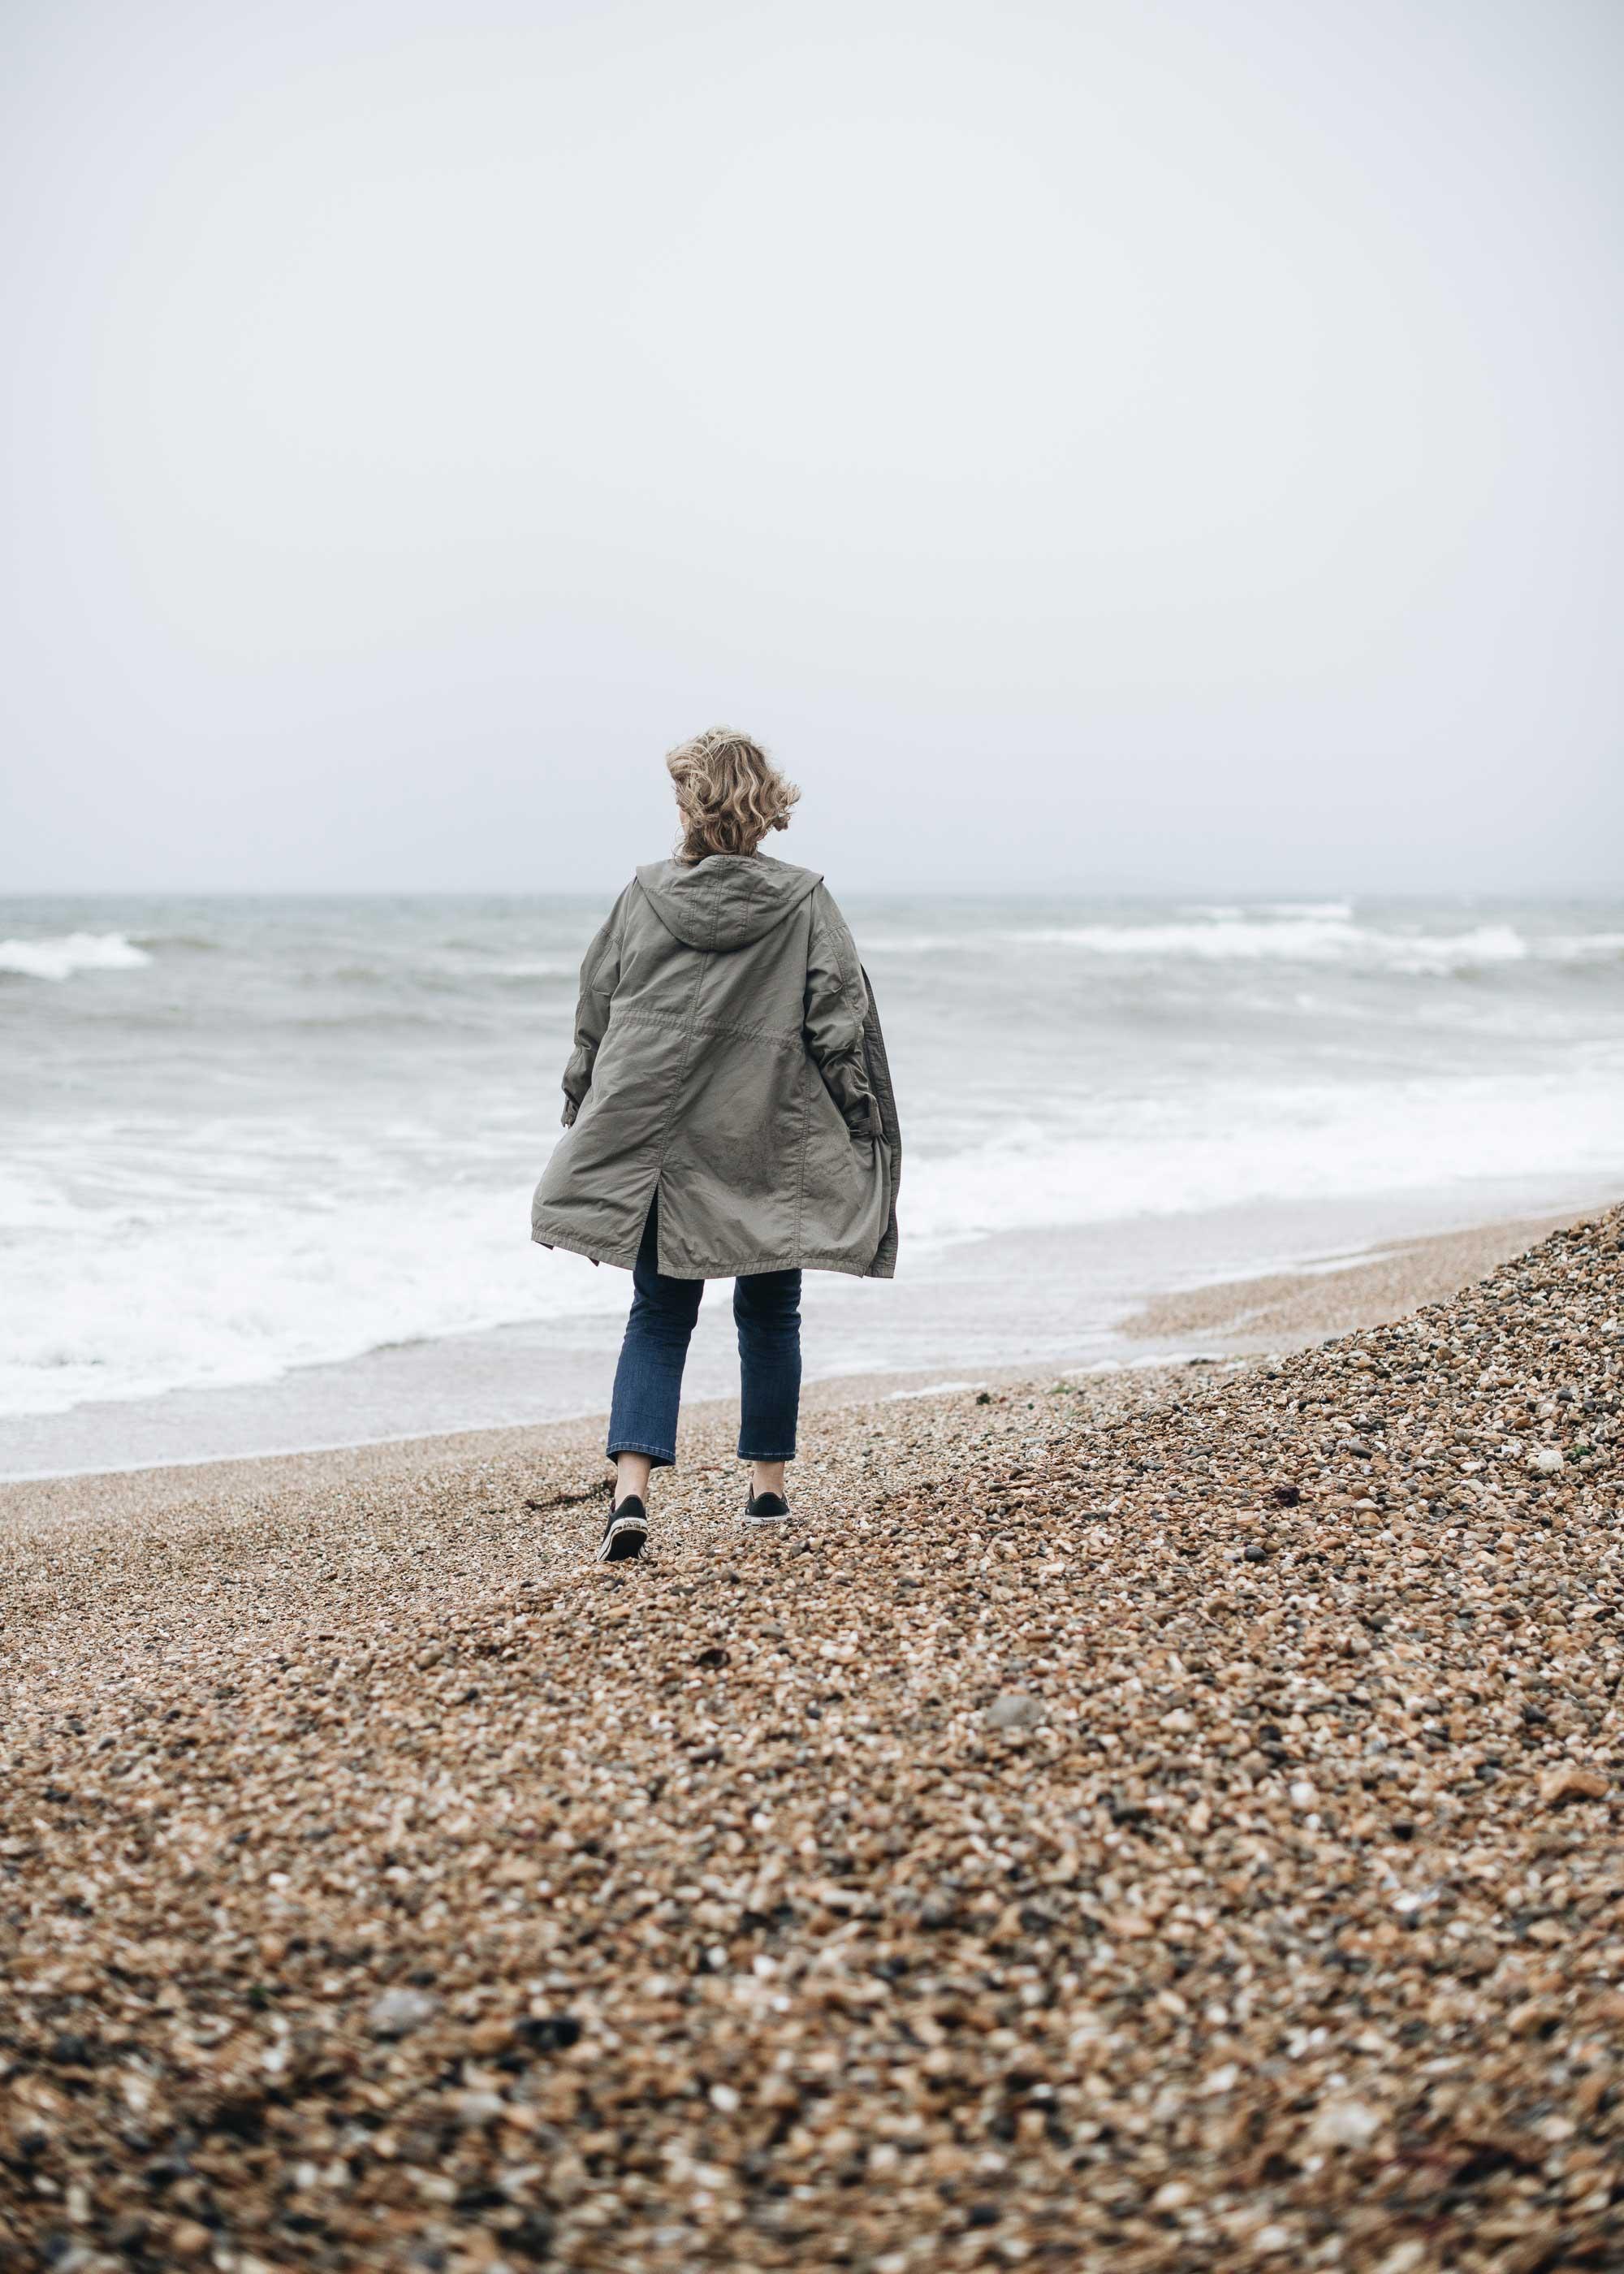 3 SBS-walking-on-beach-in-winter-2.jpg